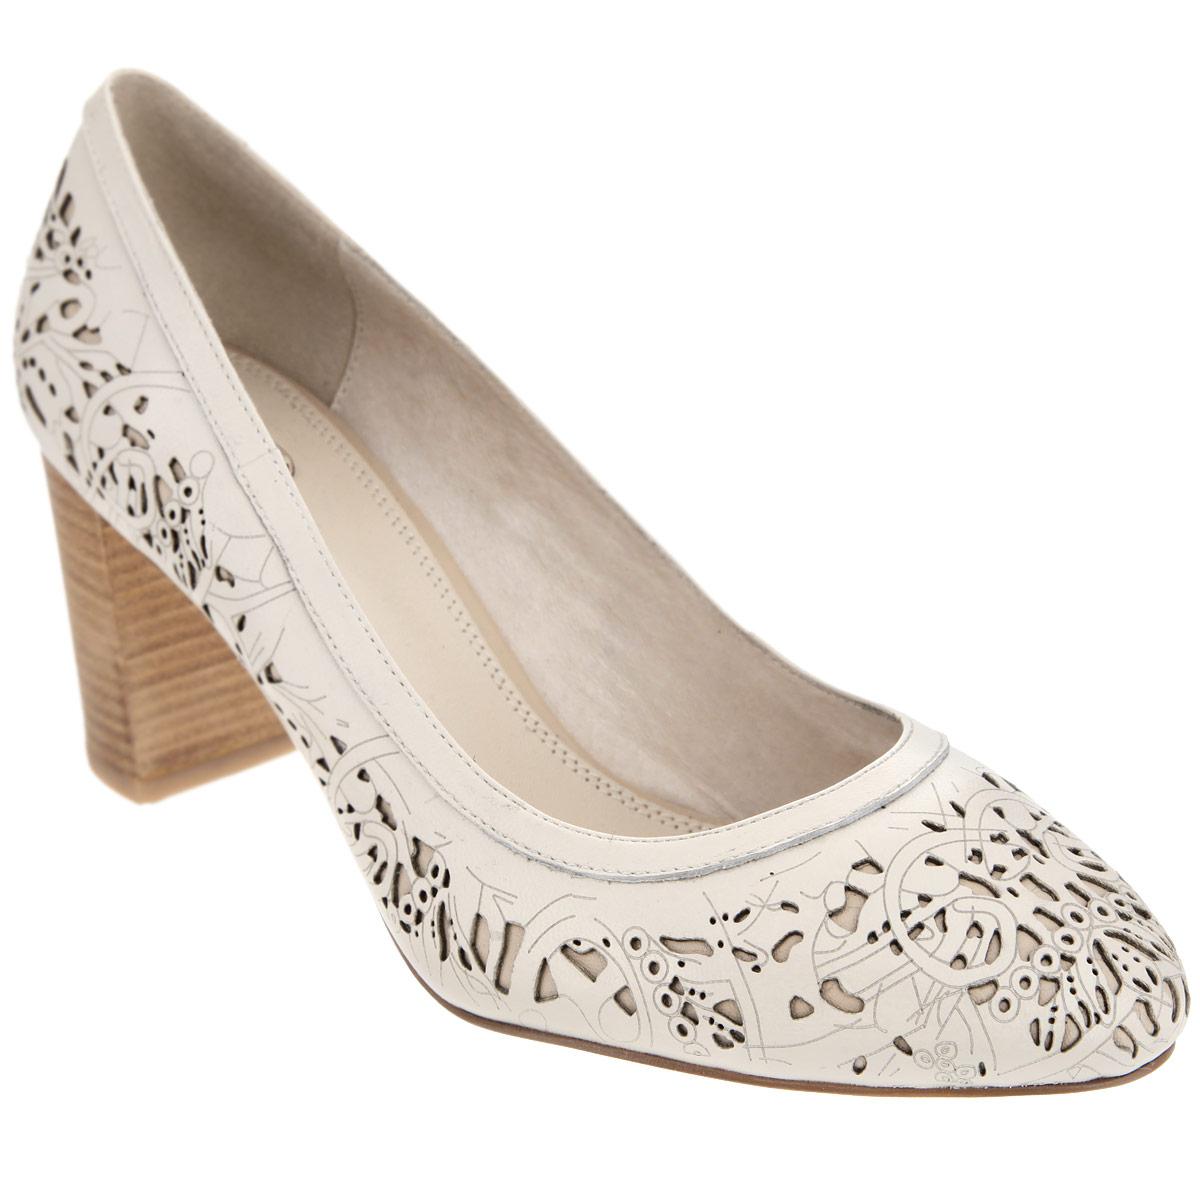 Туфли женские. 227-100-15227-100-15Очаровательные женские туфли от Dino Ricci не оставят вас незамеченной! Модель выполнена из натуральной высококачественной кожи и декорирована оригинальным перфорированным узором. Стелька и подкладка из натуральной кожи обеспечивают комфорт при движении. Высокий каблук, стилизованный под дерево, компенсирован скрытой платформой. Подошва с противоскользящим рифлением оформлена металлической пластиной с гравировкой в виде названия бренда. Изящные туфли подчеркнут вашу утонченную натуру.